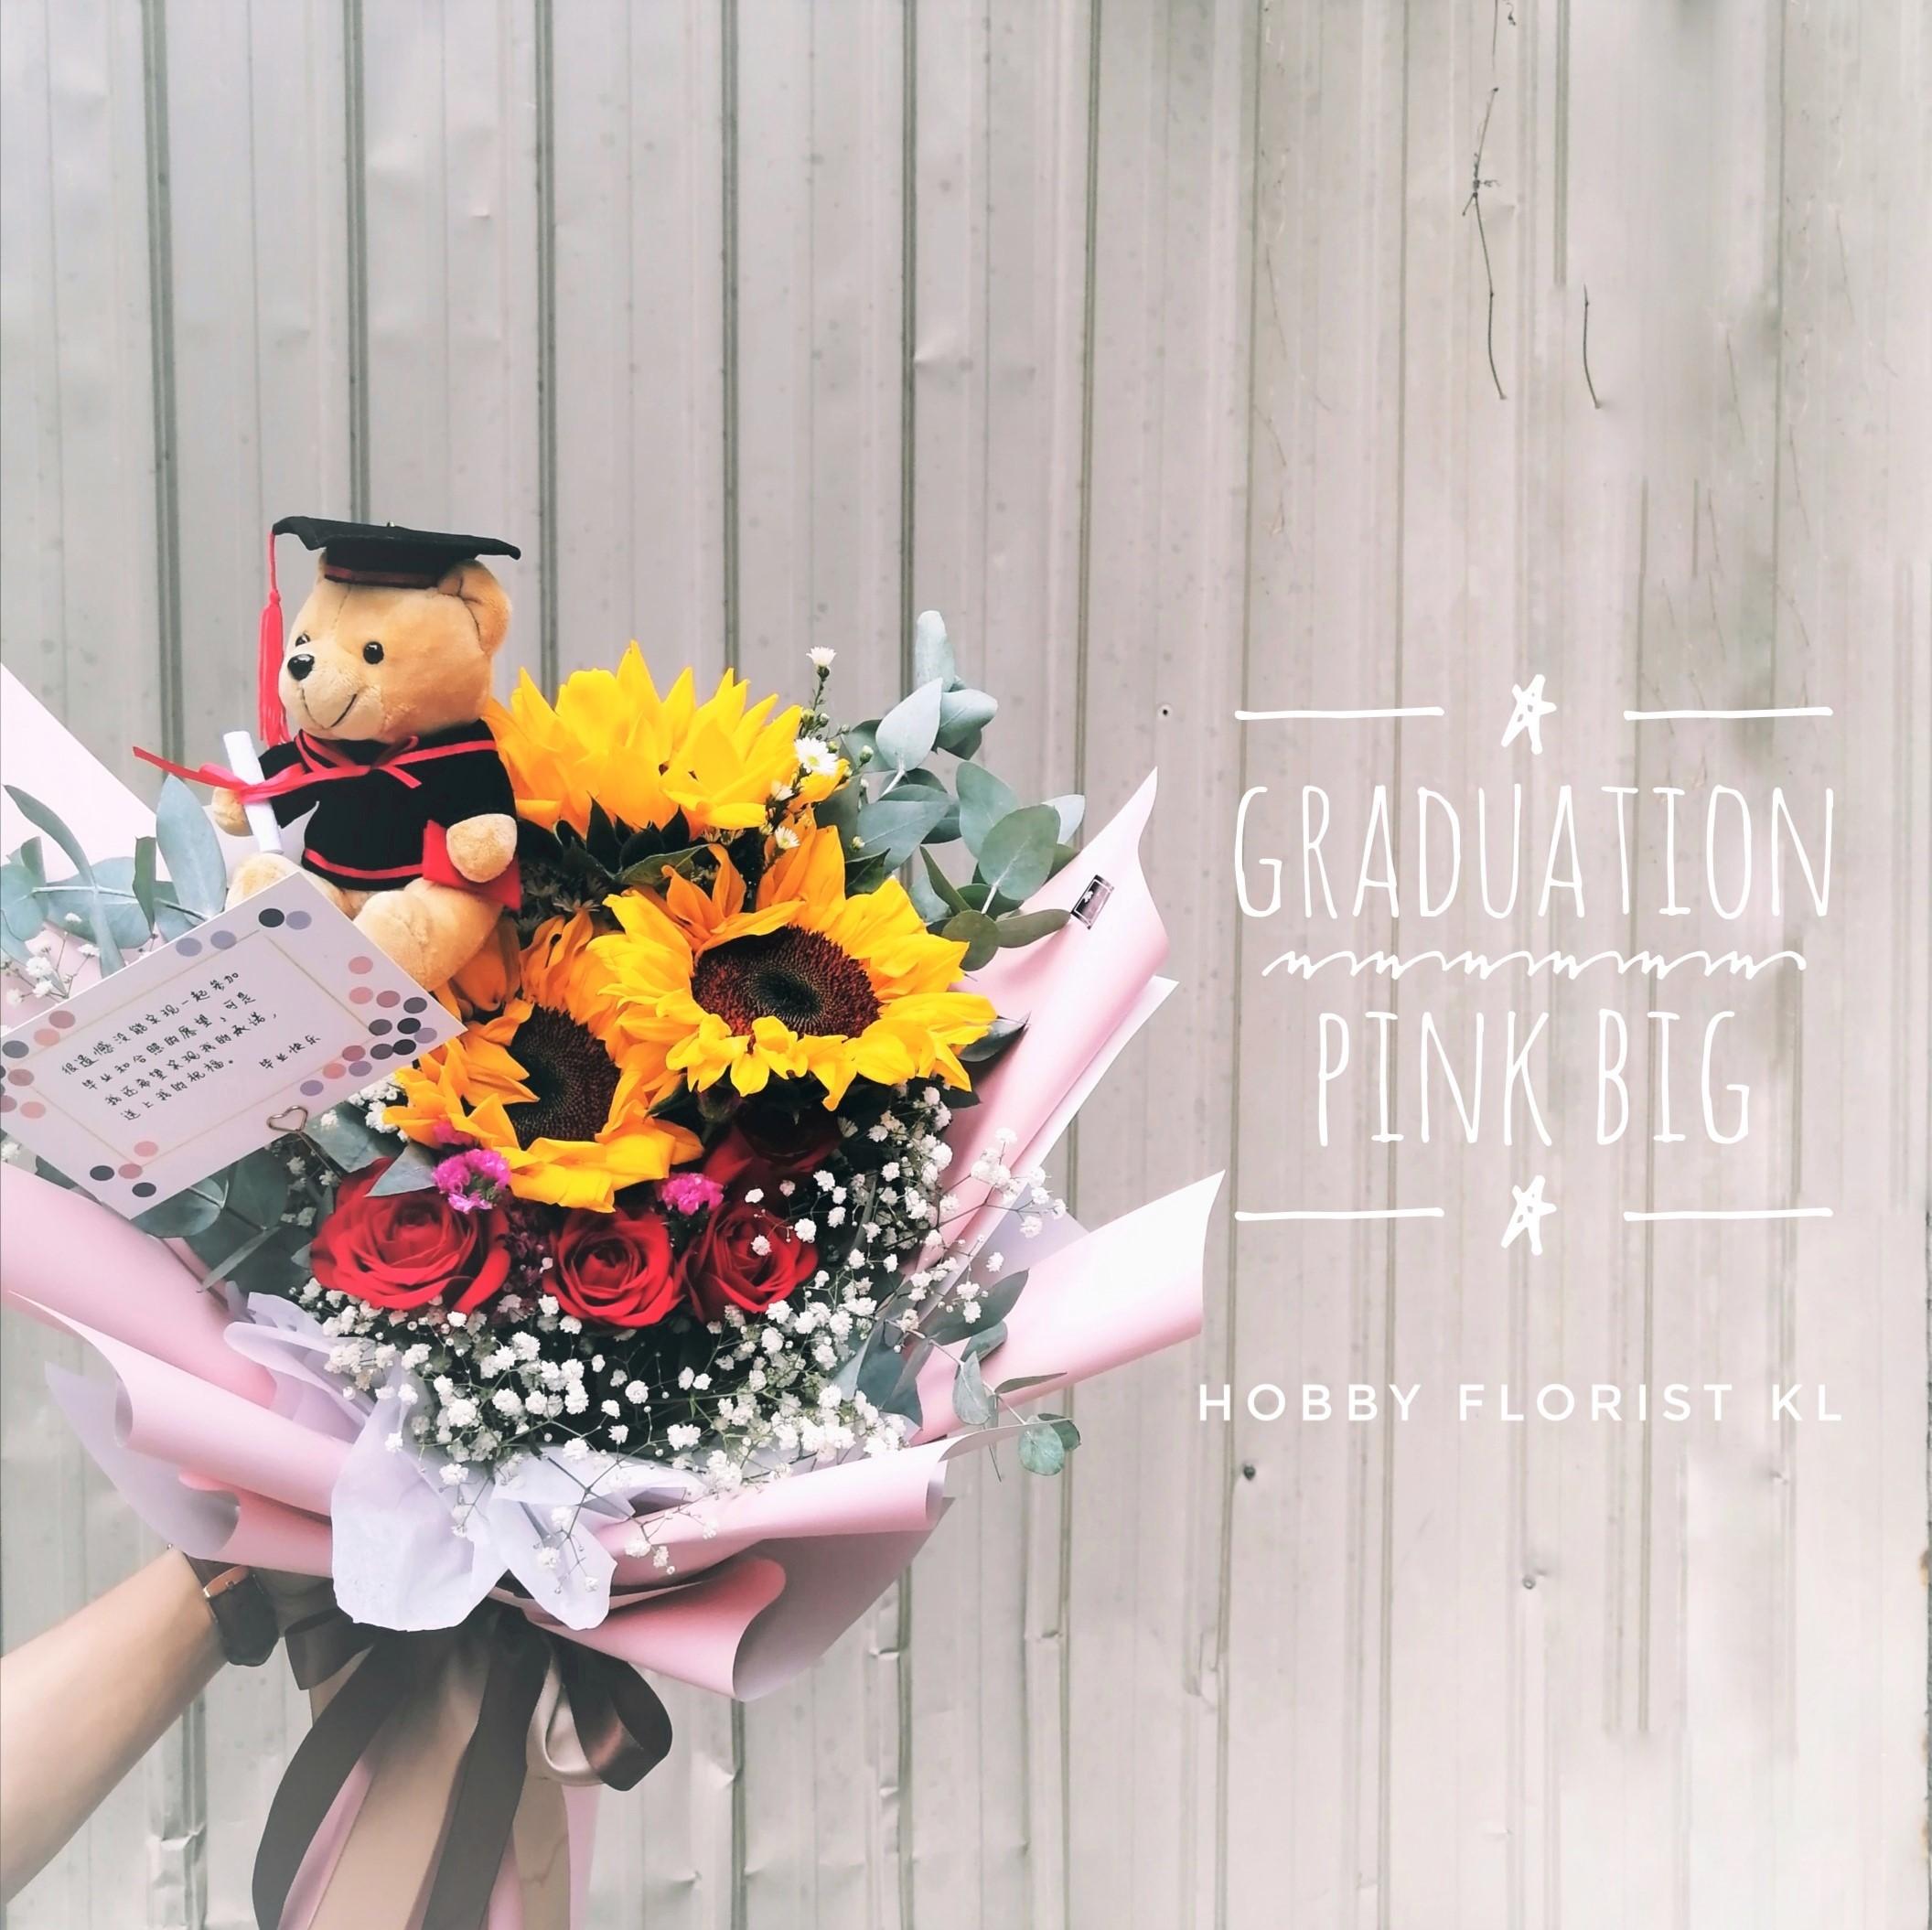 flower delivery kl 21.jpeg